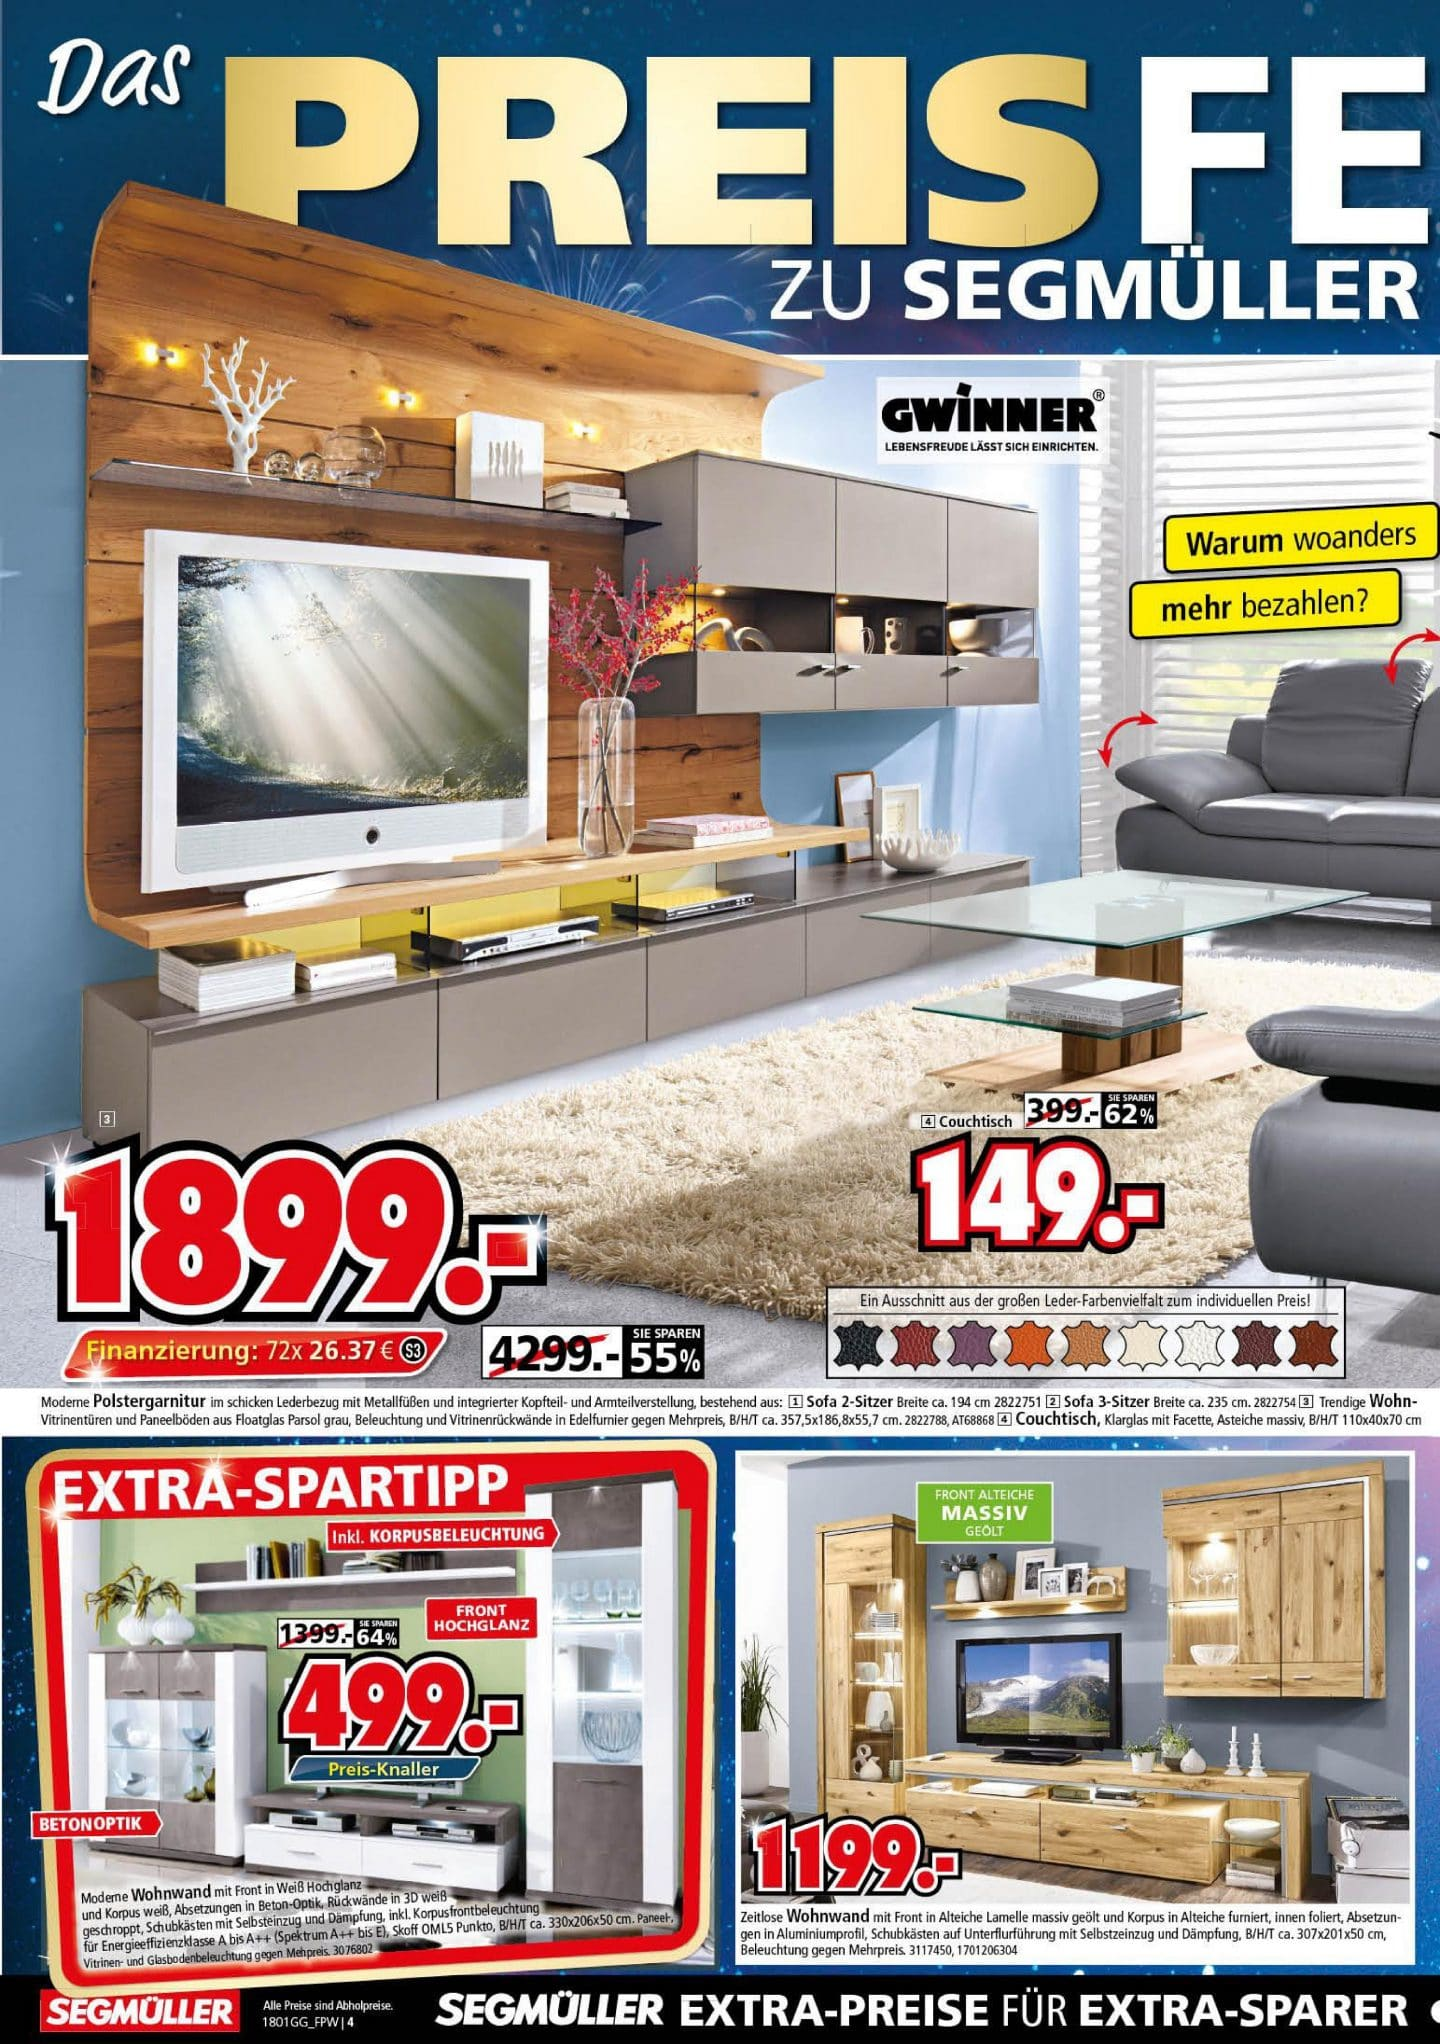 Finest Werbung With Segmller Couchtisch